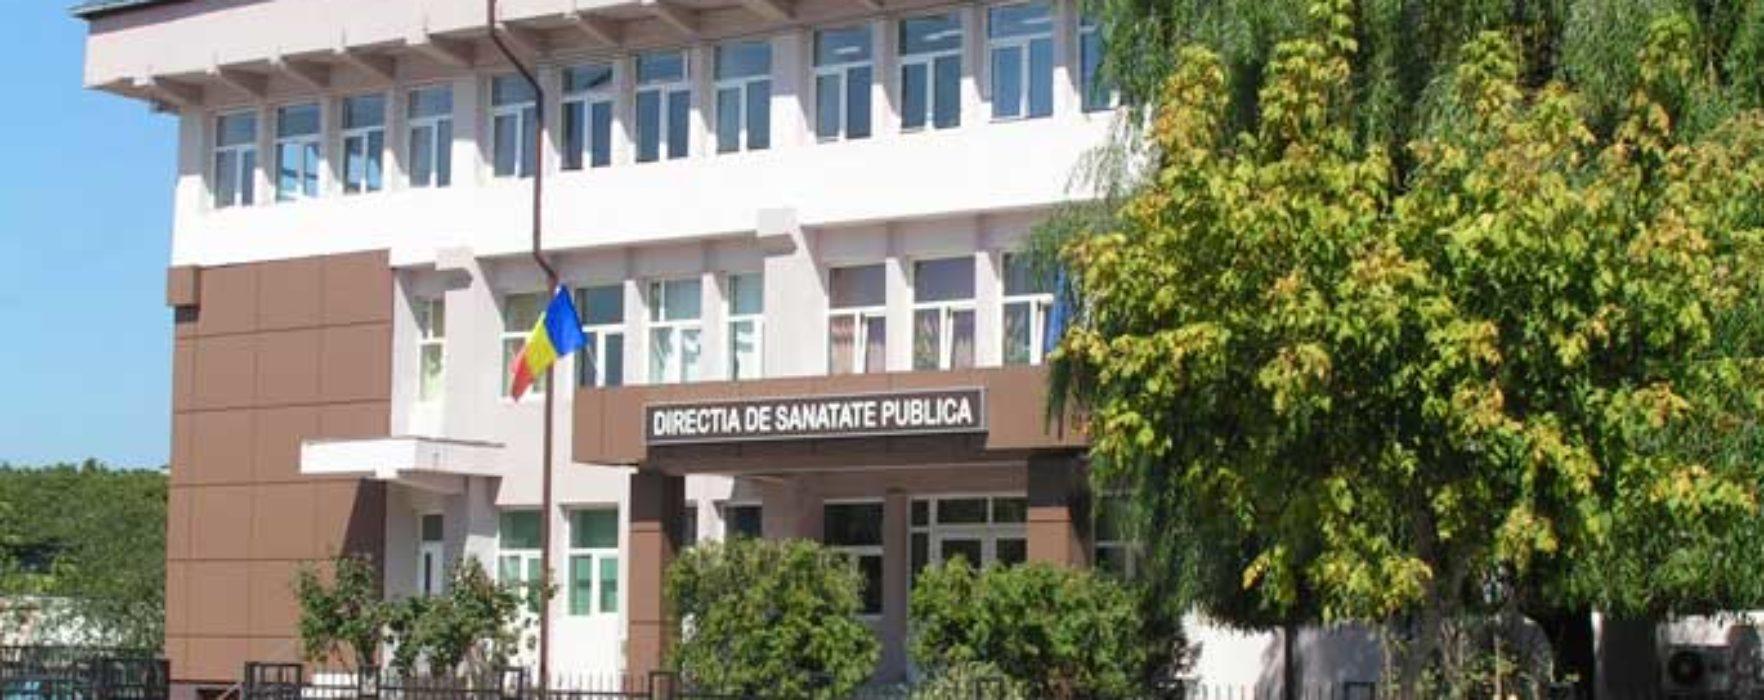 Focar de scarlatină de la o grădiniţă din Târgovişte, DSP a anunţat doar după ce un părinte a postat pe facebook şi a fost preluat de presă